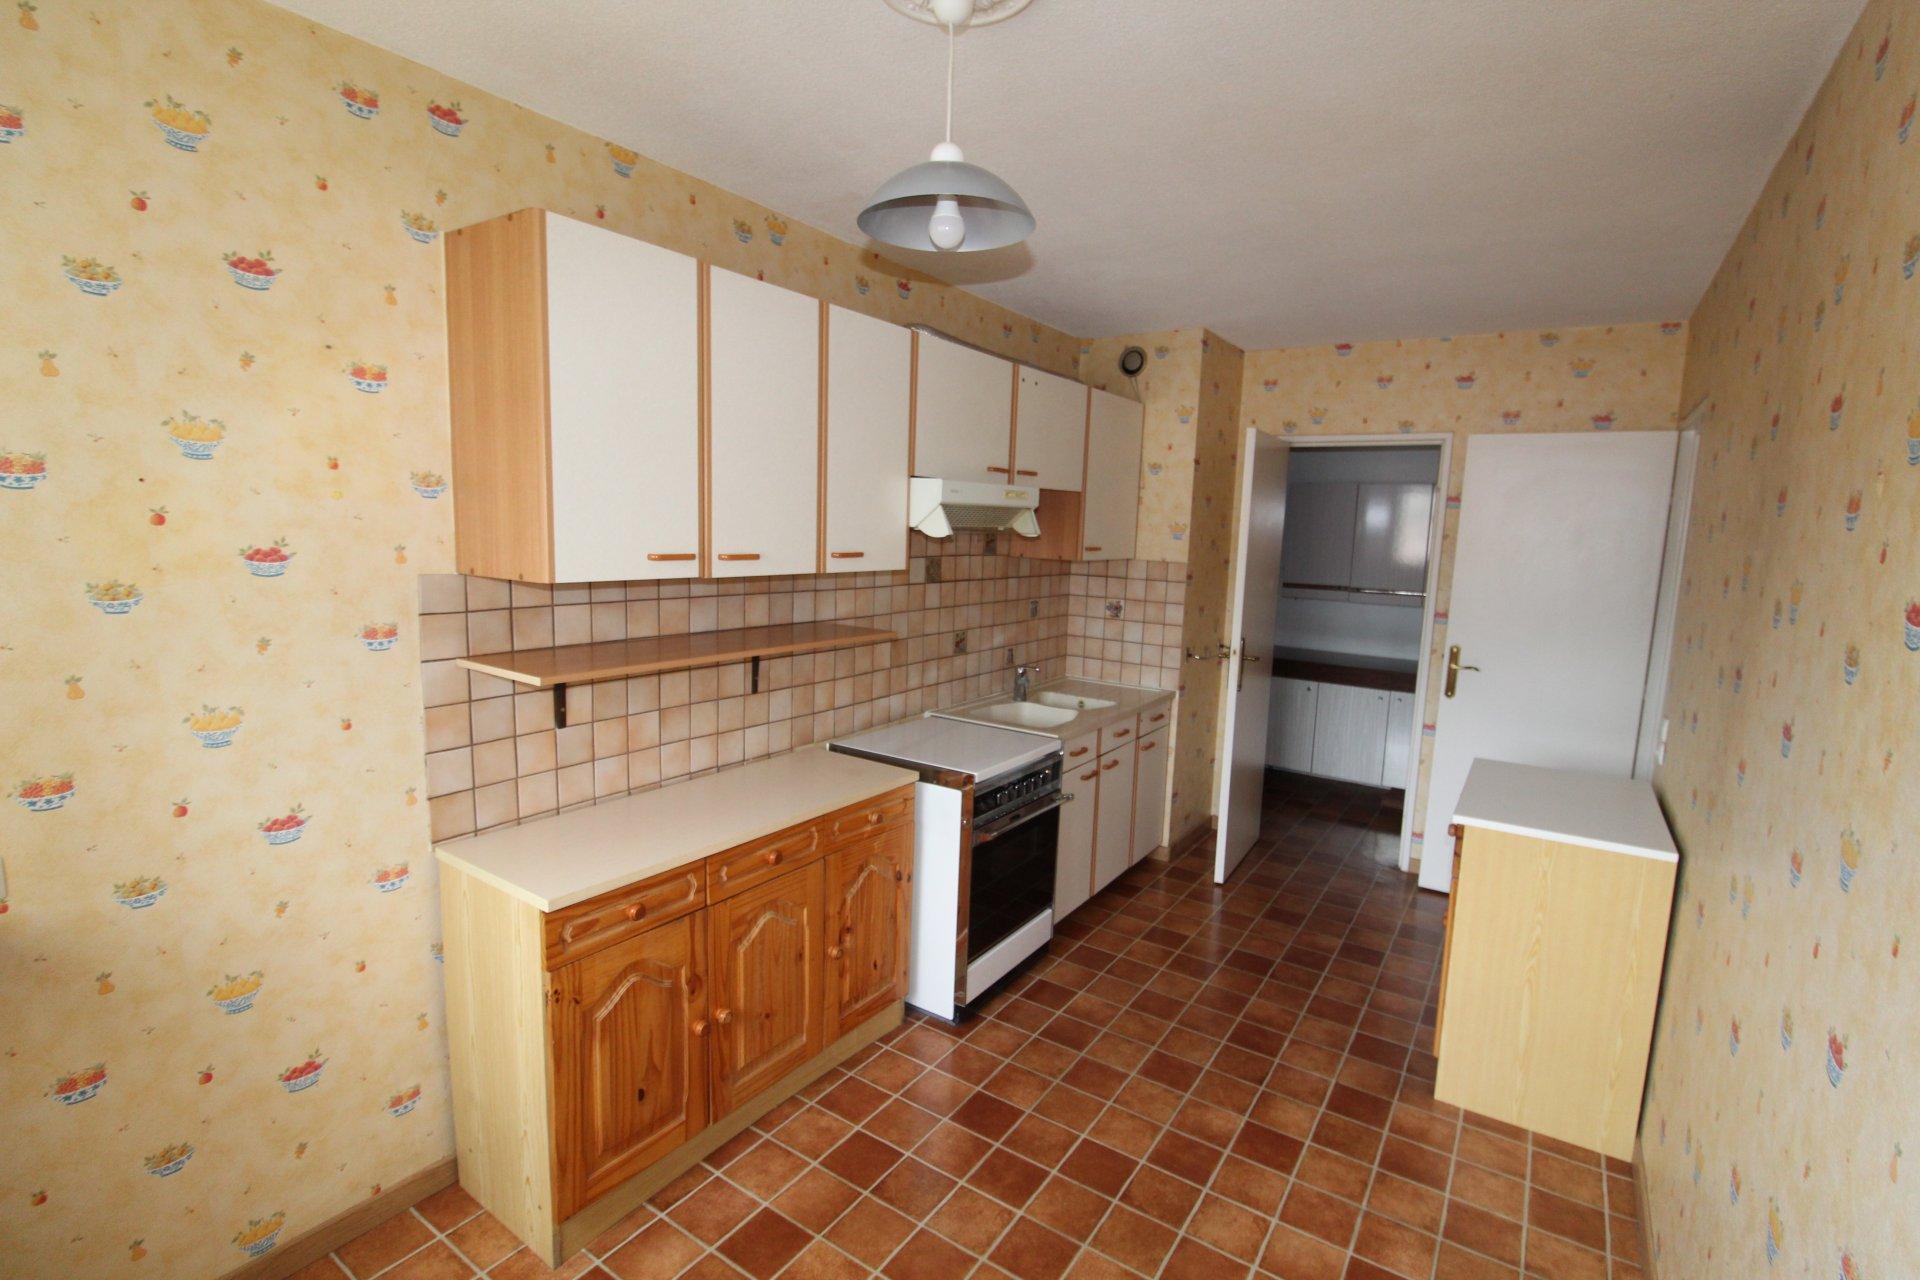 Appartement Saint Etienne Bergson 2 pièces 59m2 avec garage et balcon